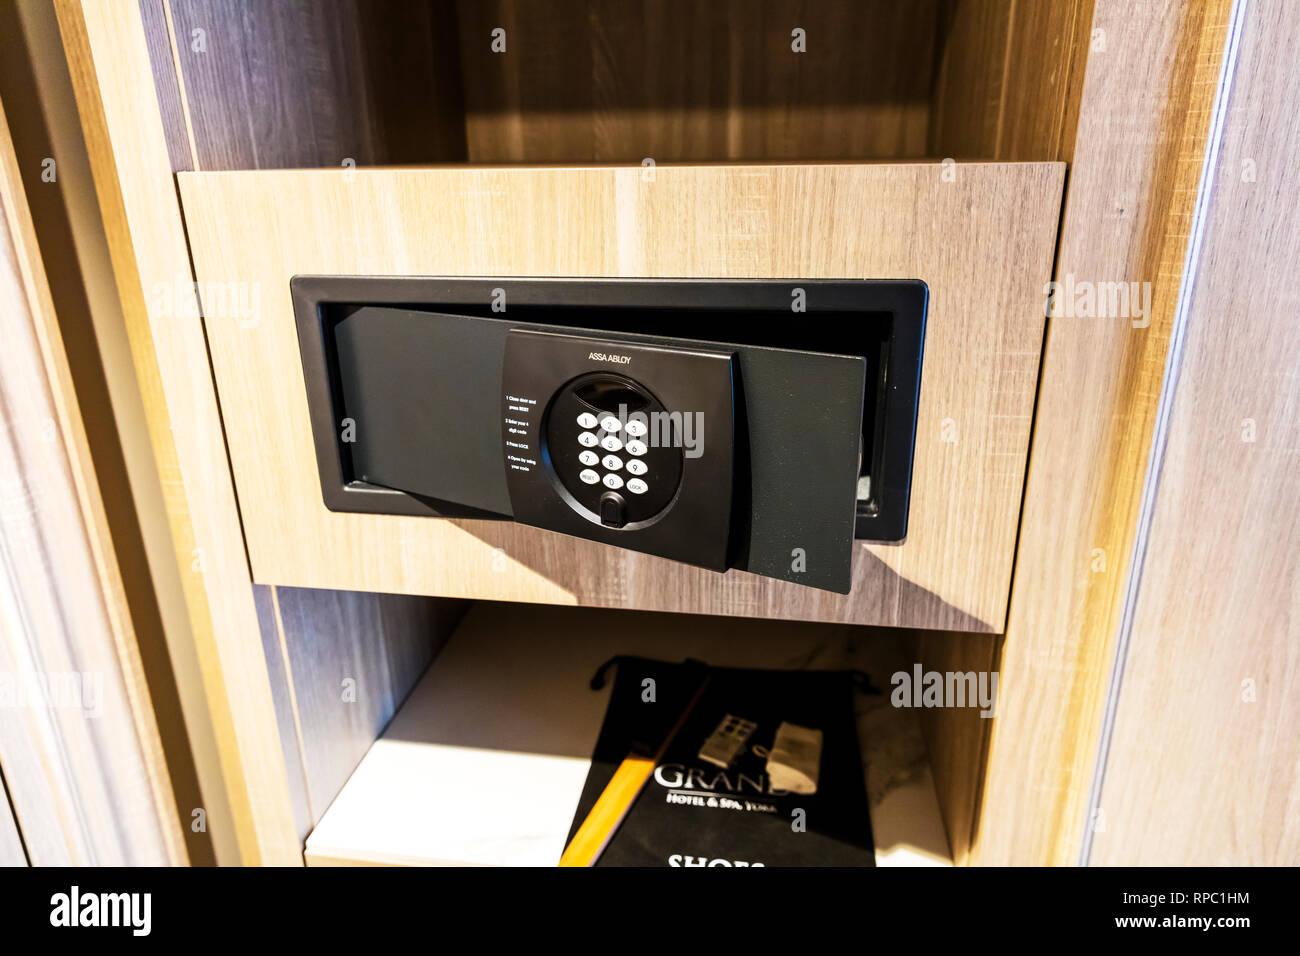 Hotel safe, electronic safe, hotel security, hotel electronic safe, push button safe, hotel safes, safe, security, holiday security, assa abloy safe, Stock Photo